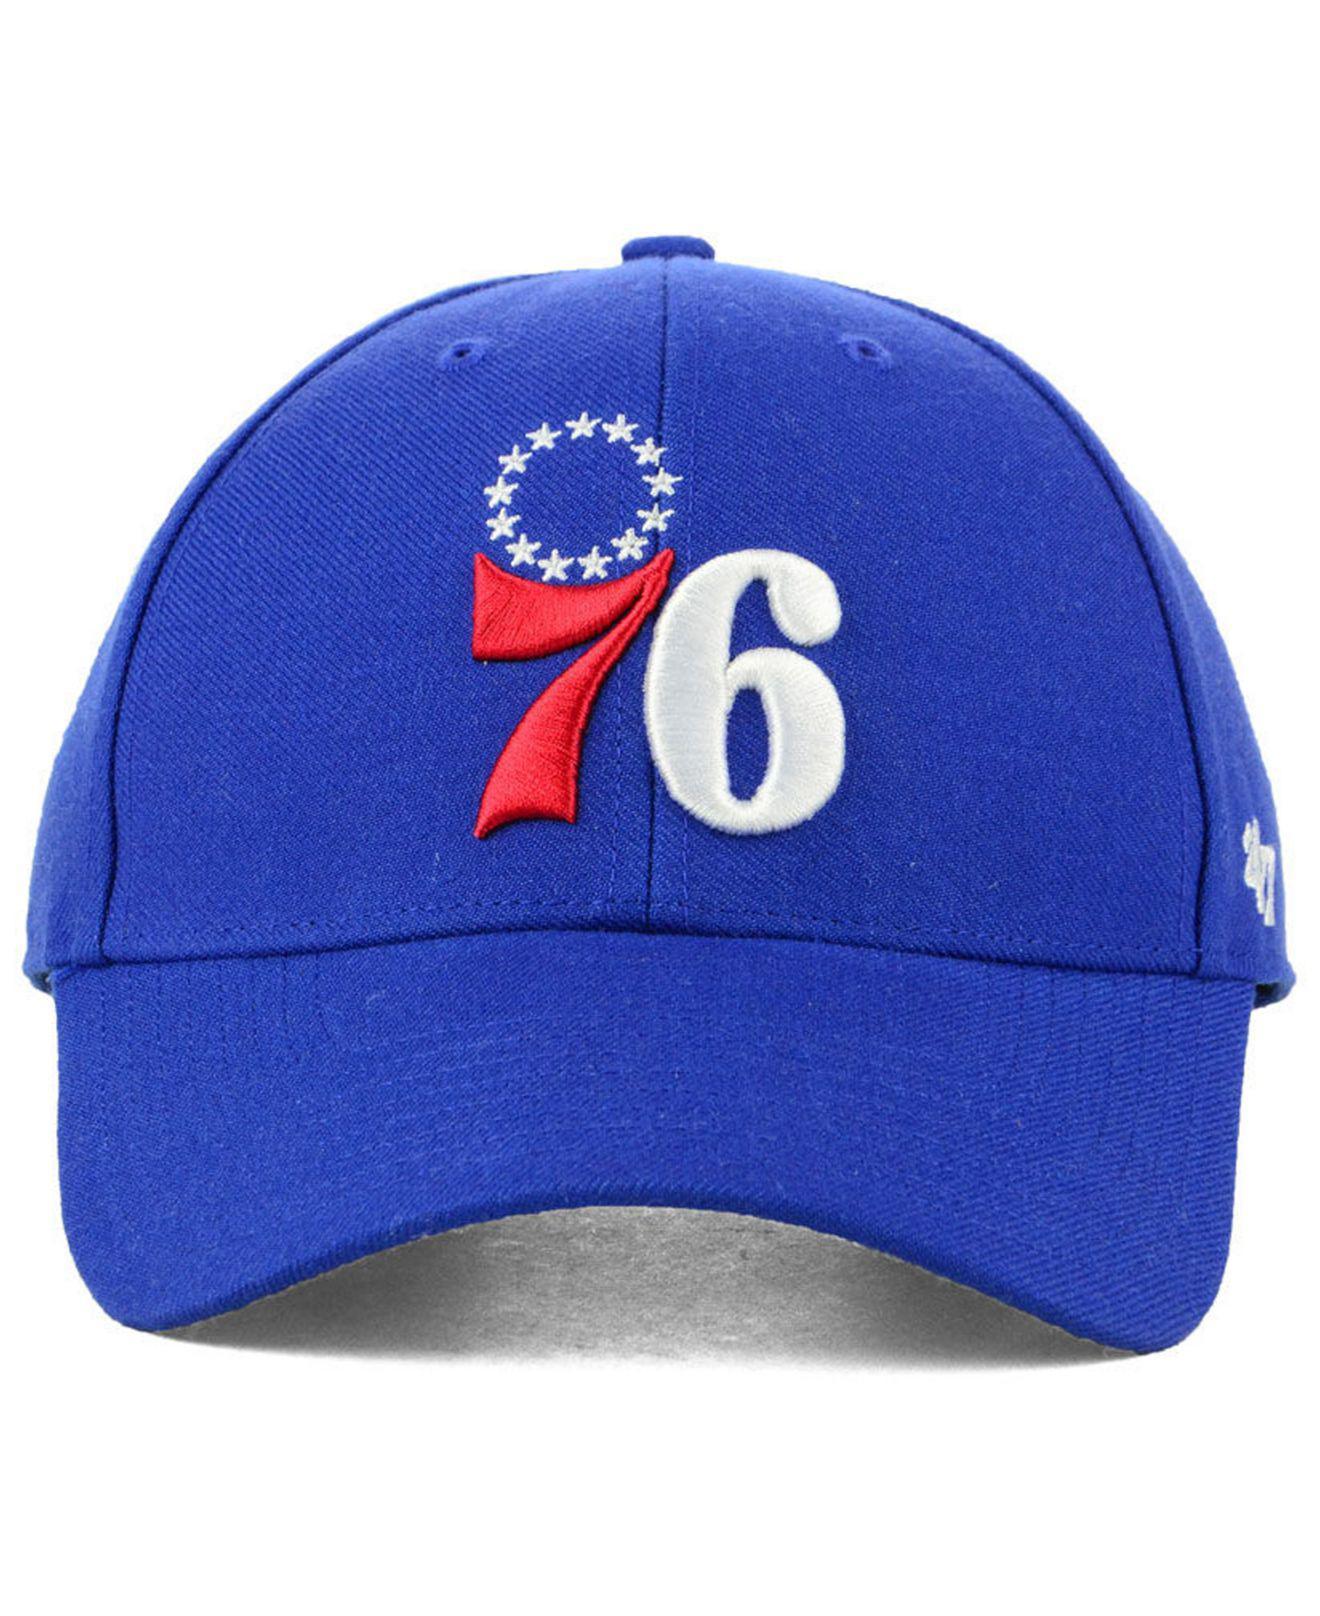 85e95a3e89f12 Lyst - 47 Brand Philadelphia 76ers Team Color Mvp Cap in Red for Men